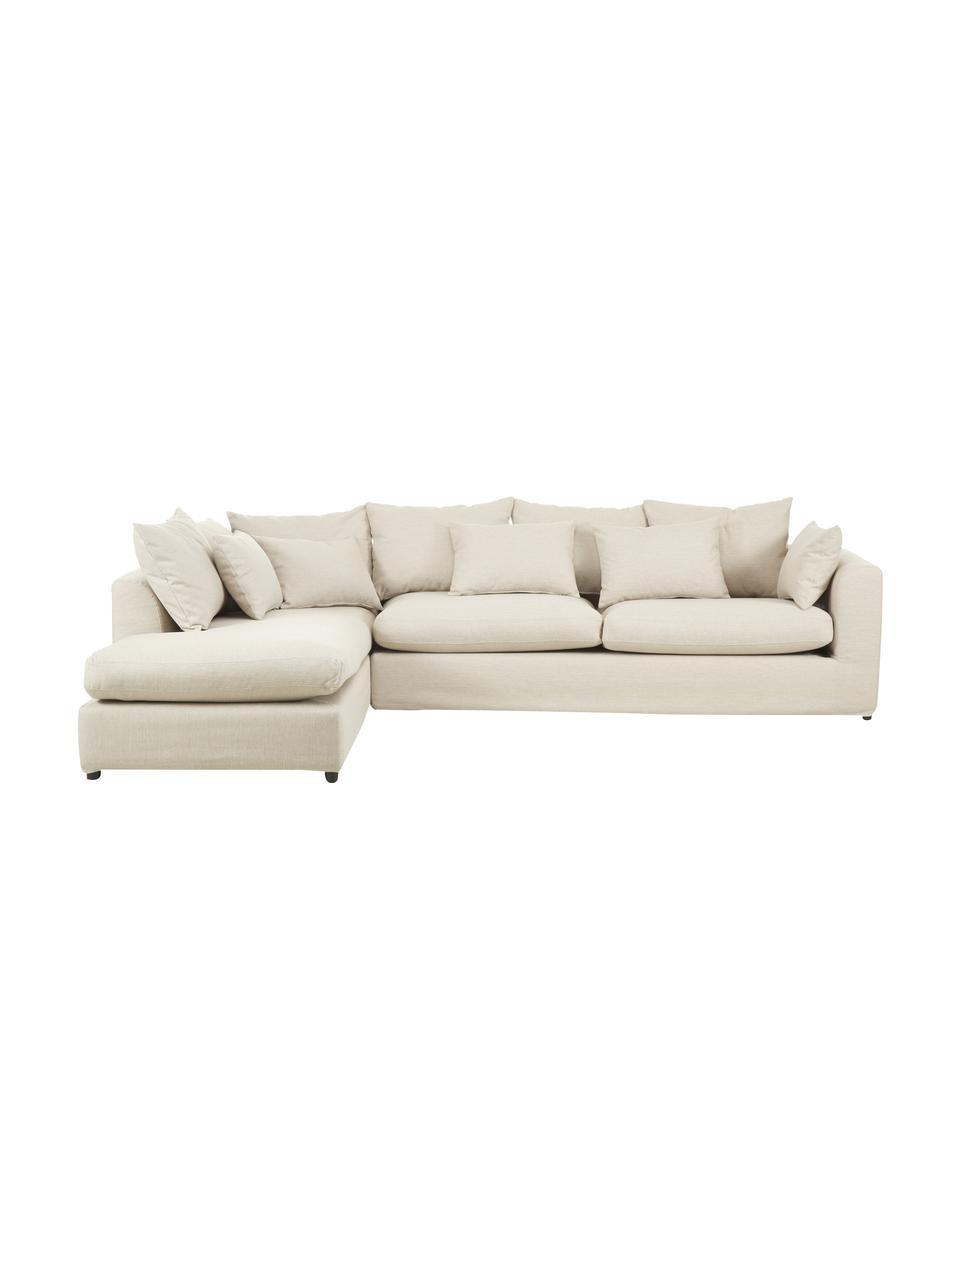 Sofa narożna Zach, Tapicerka: polipropylen Dzięki tkani, Nogi: tworzywo sztuczne, Beżowy, S 300 x G 213 cm